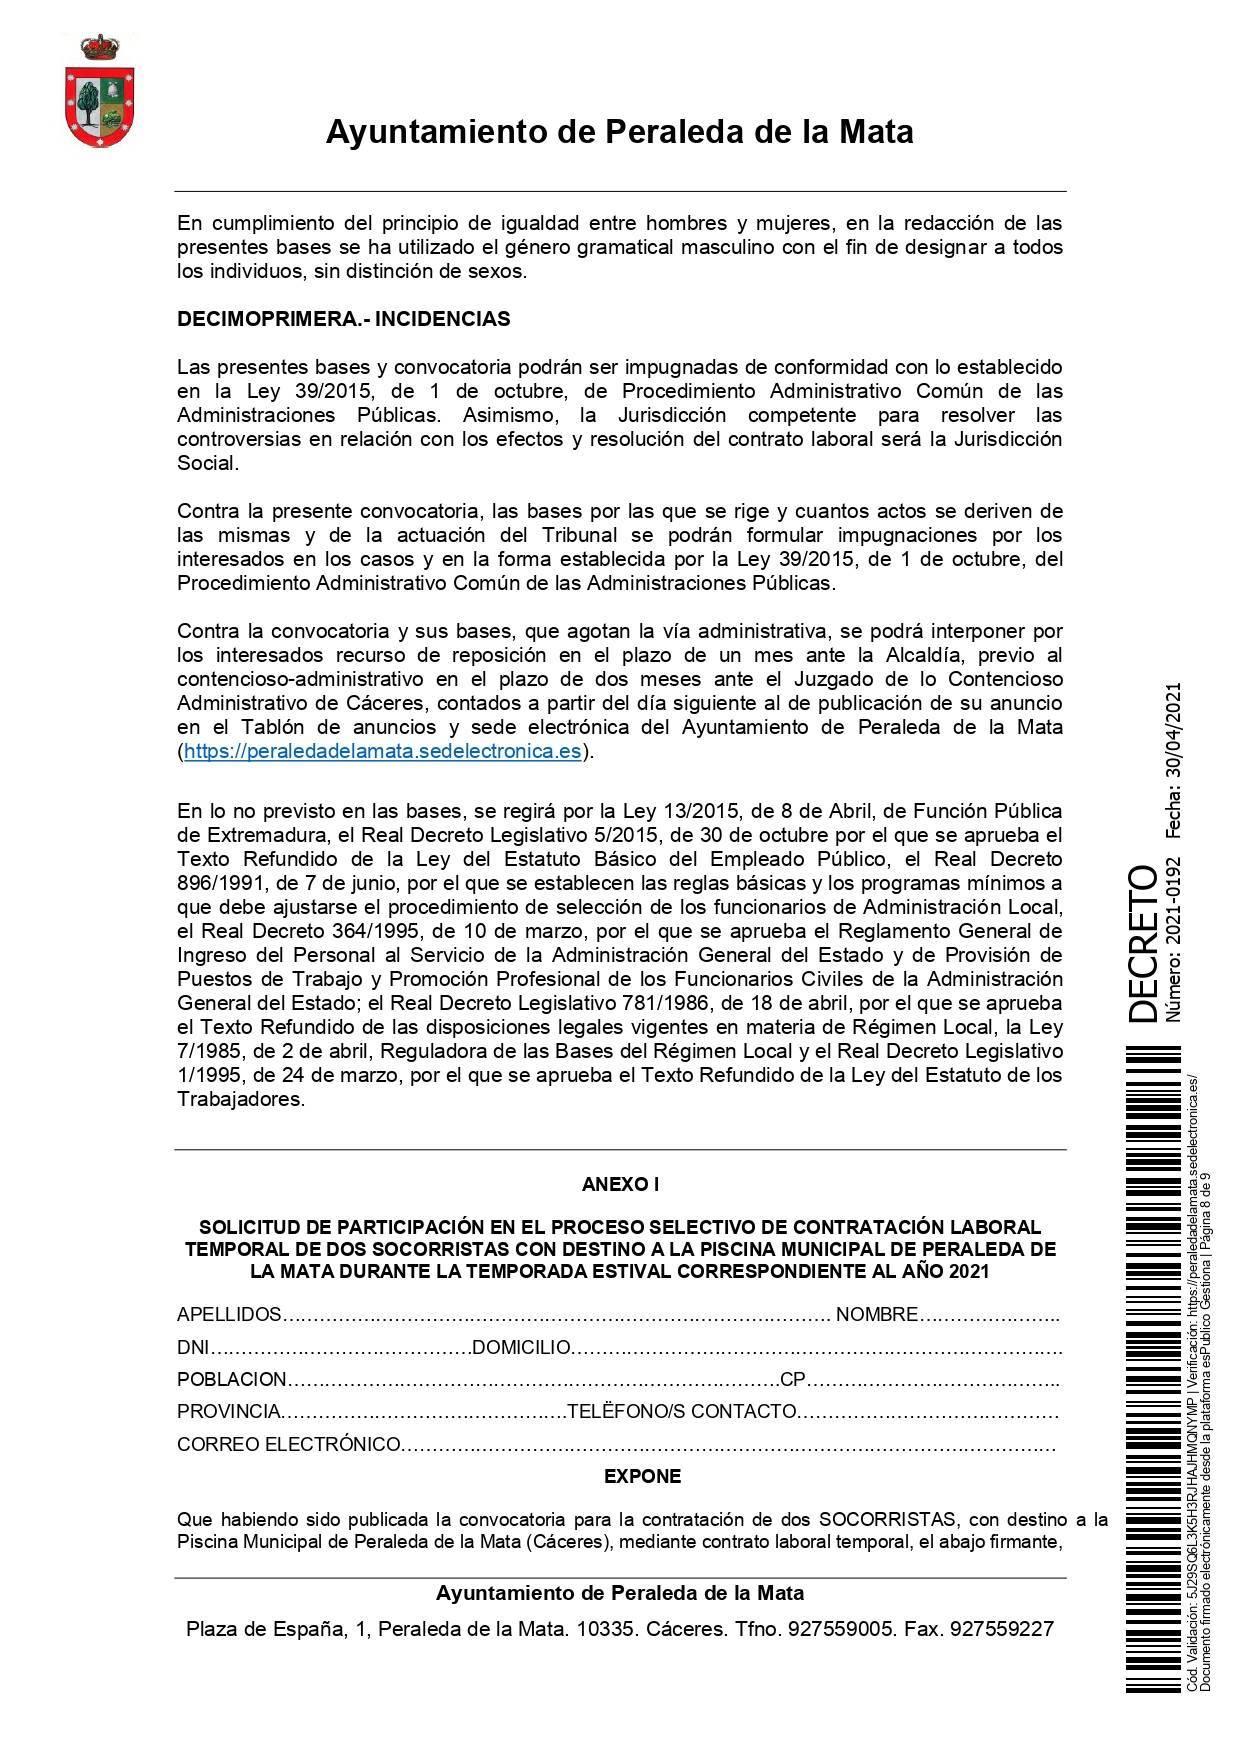 2 socorristas para la piscina municipal (2021) - Peraleda de la Mata (Cáceres) 8